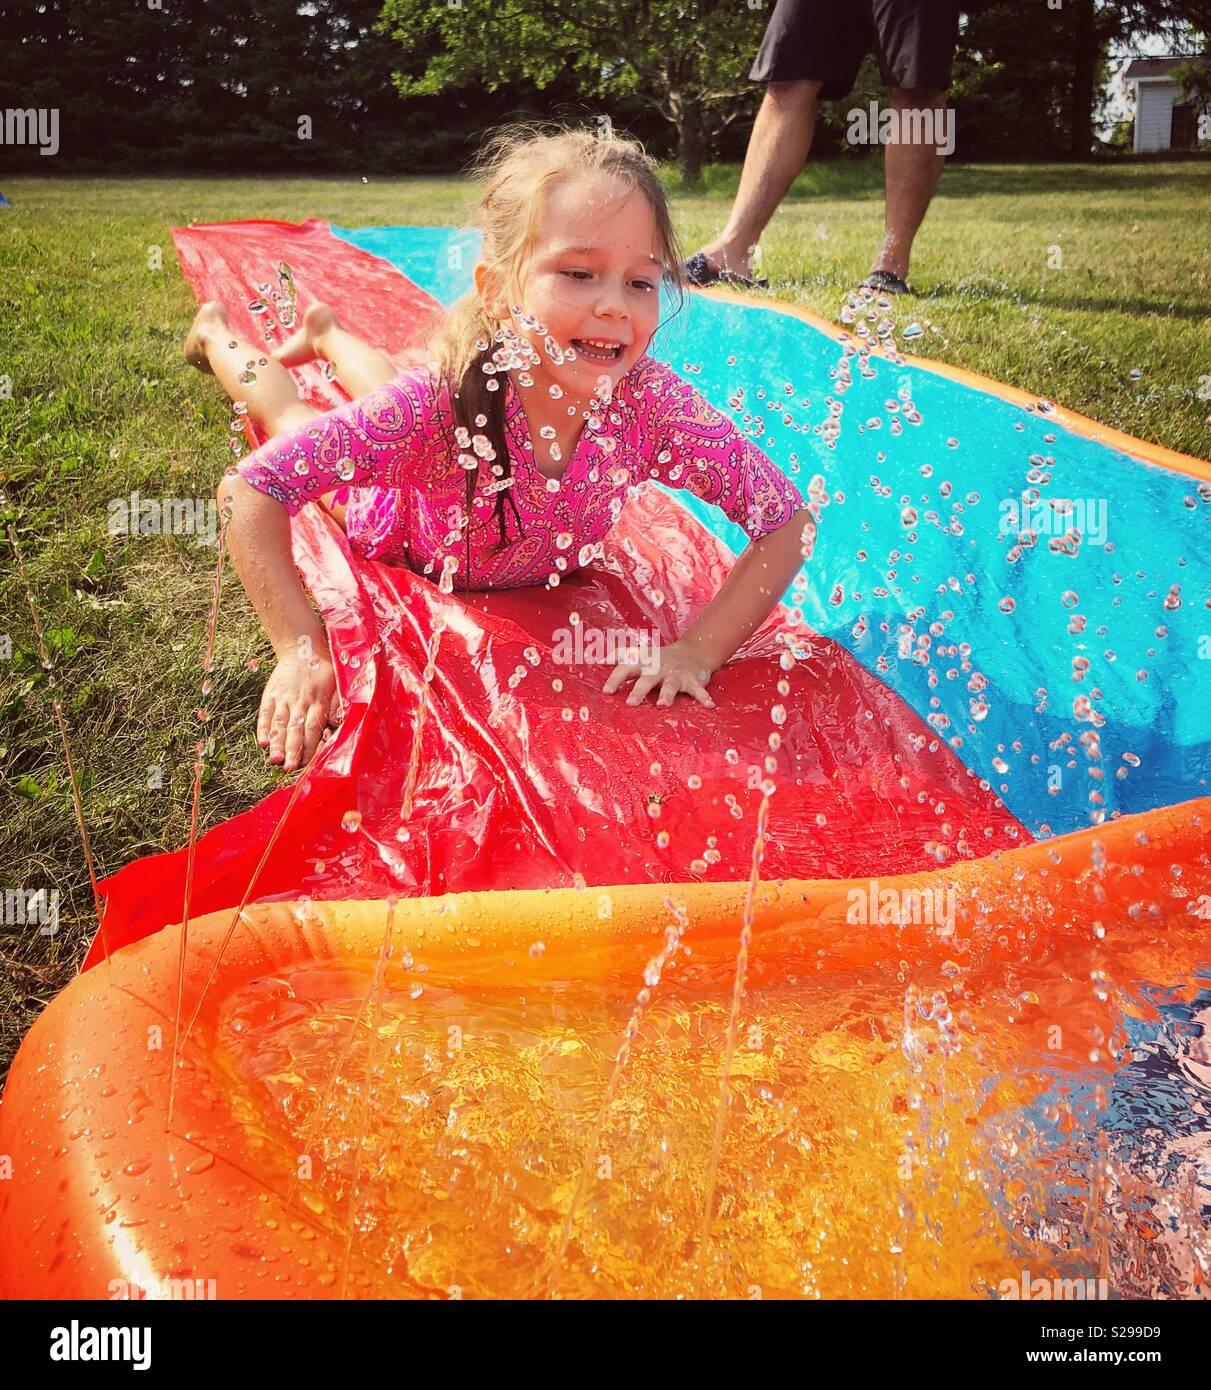 Niña de 6 años bajando de rociadores de agua de plástico deslice fuera de juguete Imagen De Stock